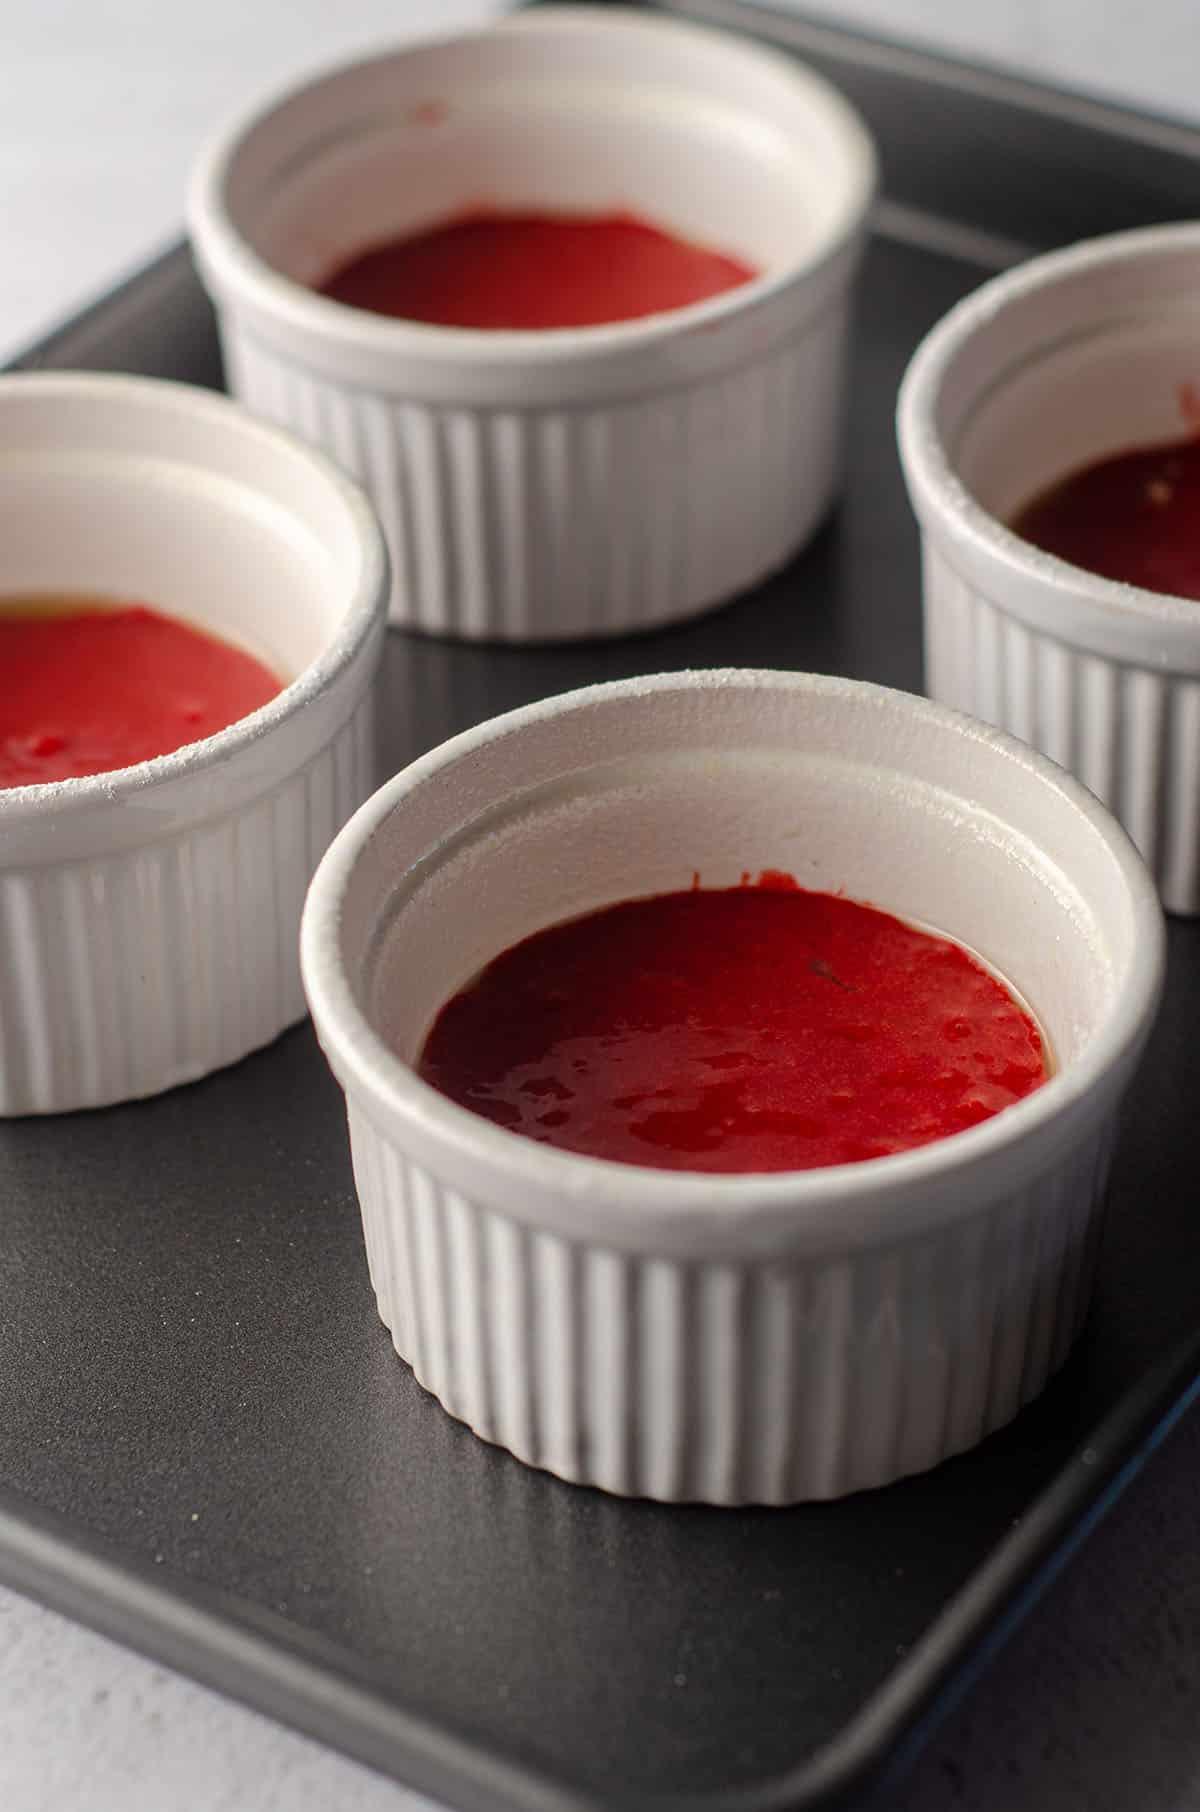 red velvet lava cake batter sitting in ramekins ready to bake